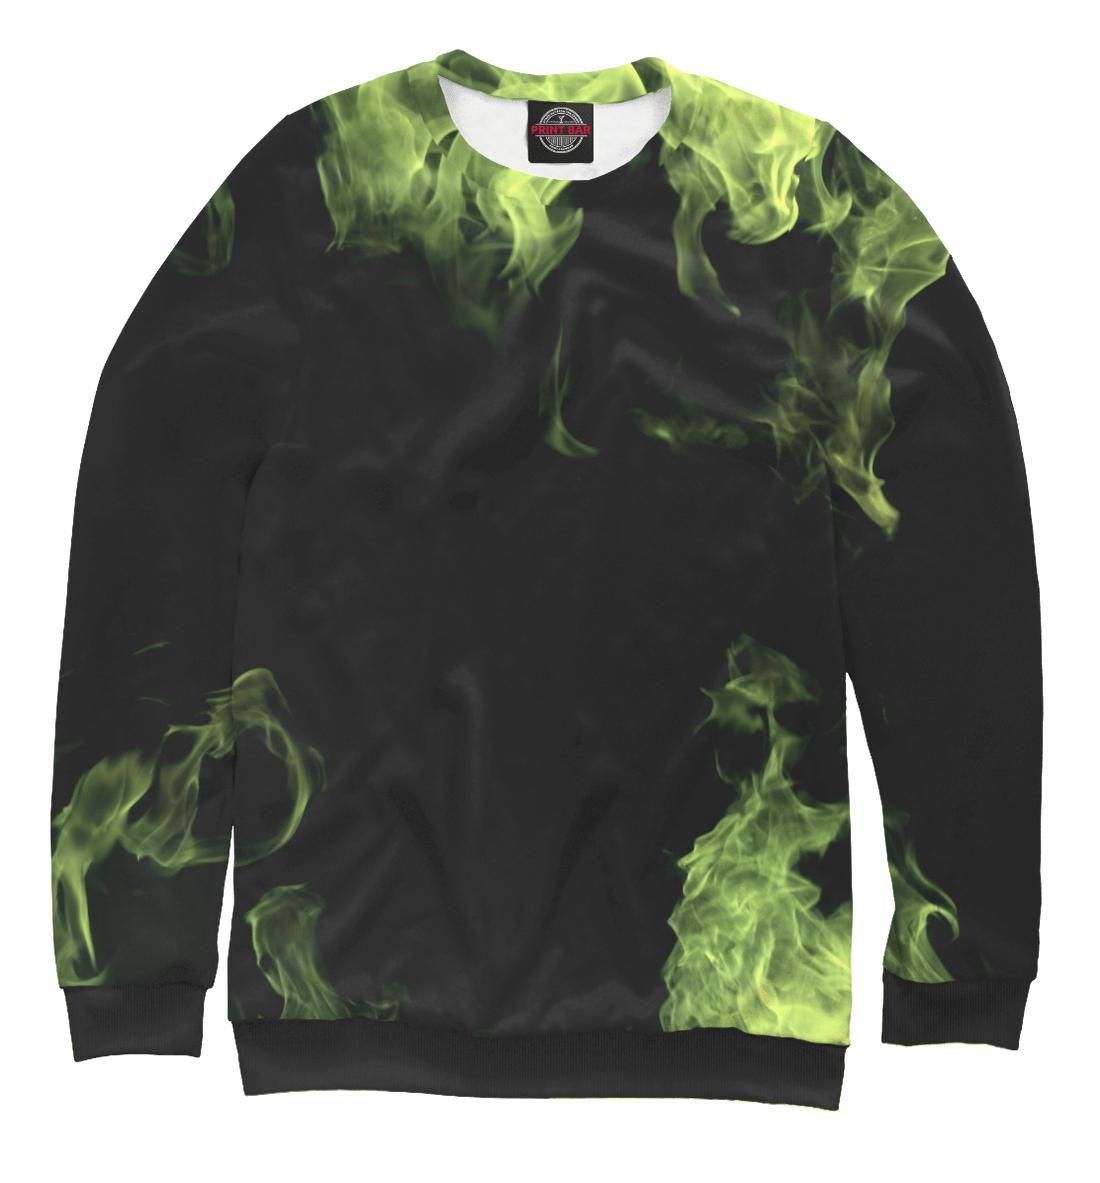 Купить Зеленый огонь, Printbar, Свитшоты, STI-916235-swi-1